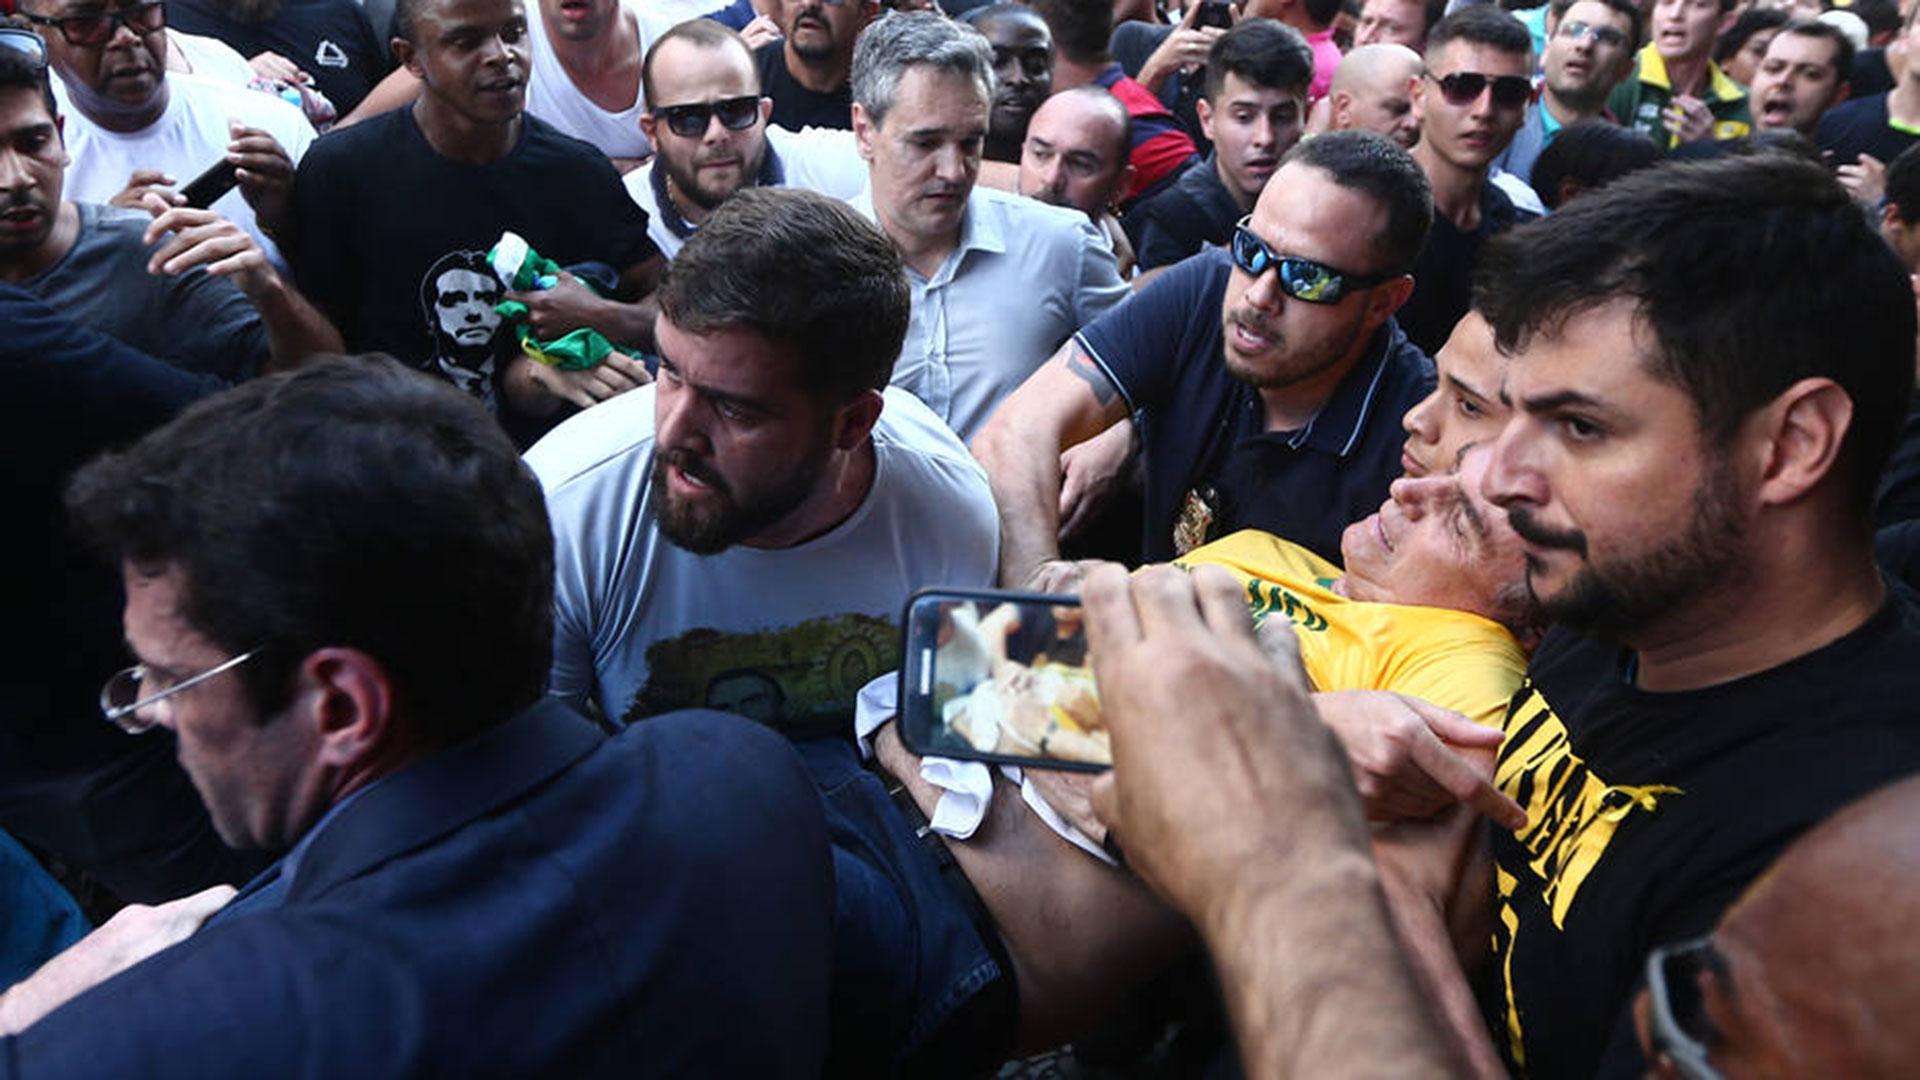 El general retirado Jair Bolsonaro fue apuñalado durante un acto de campaña en Minas Geraisel 6 de septiembre por un sujeto que fue detenido rápidamente por la multitud que lo rodeaba